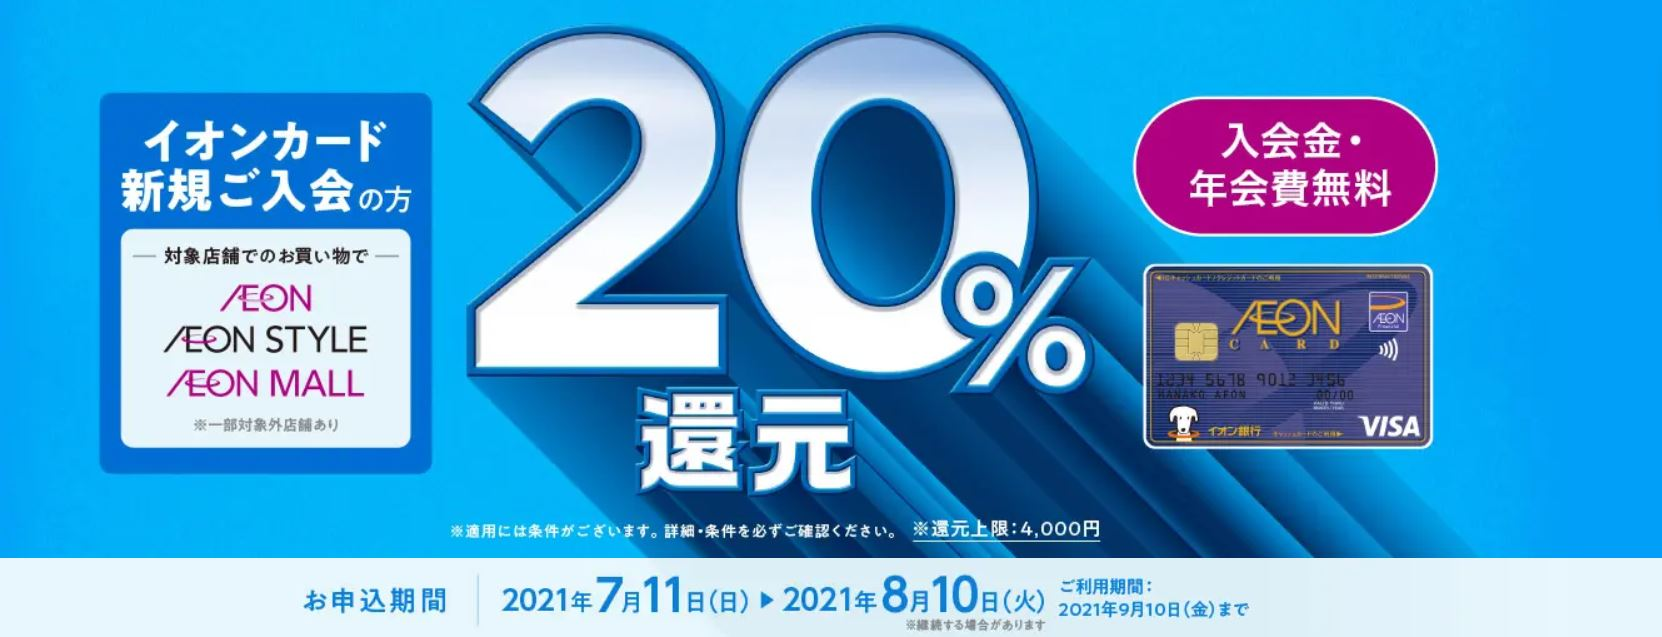 イオンカード最大20%還元キャンペーン